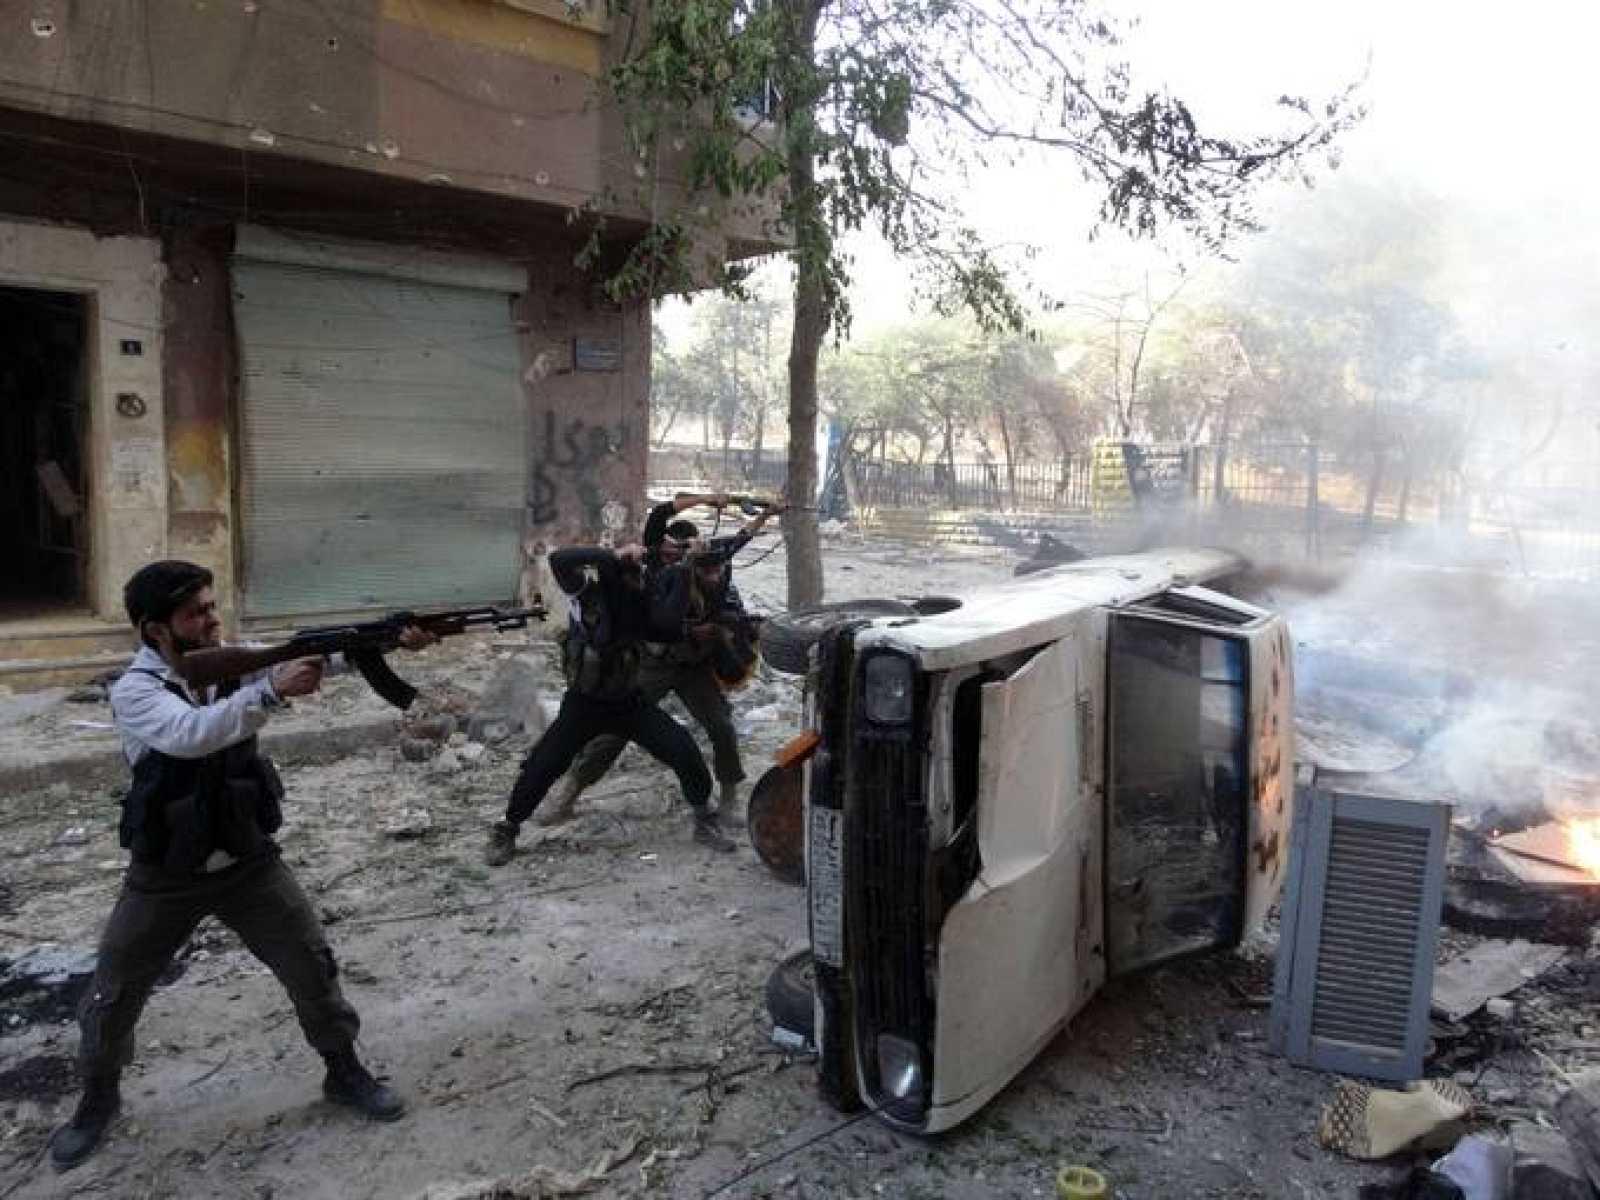 Rebeldes sirios abren fuego en el distrito de Saladino, en Alepo, en una imagen de octubre de 2013